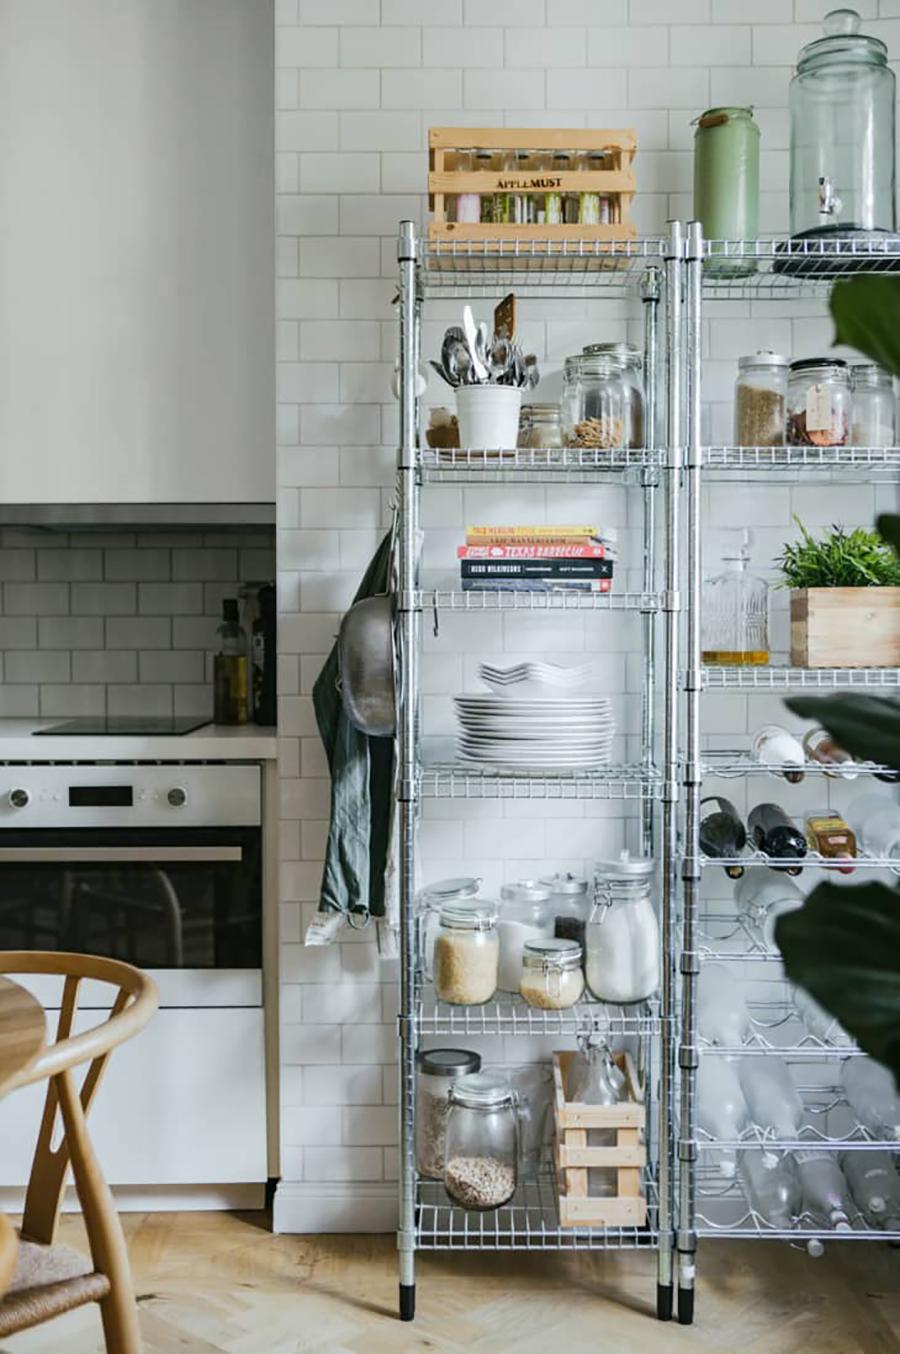 Estantería de metal para la cocina, con espacio para poner implementos o vajilla.